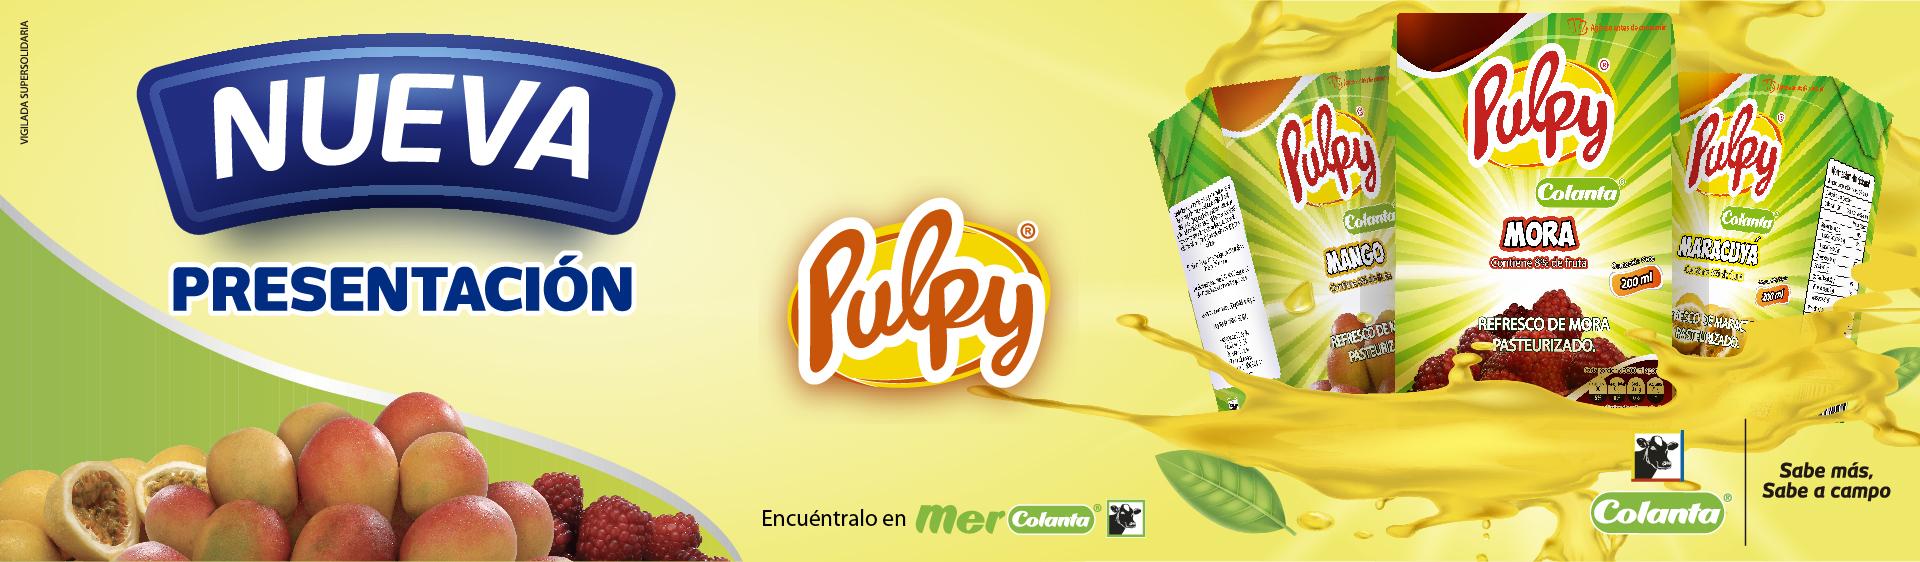 Refrescos de fruta Pulpy | COLANTA